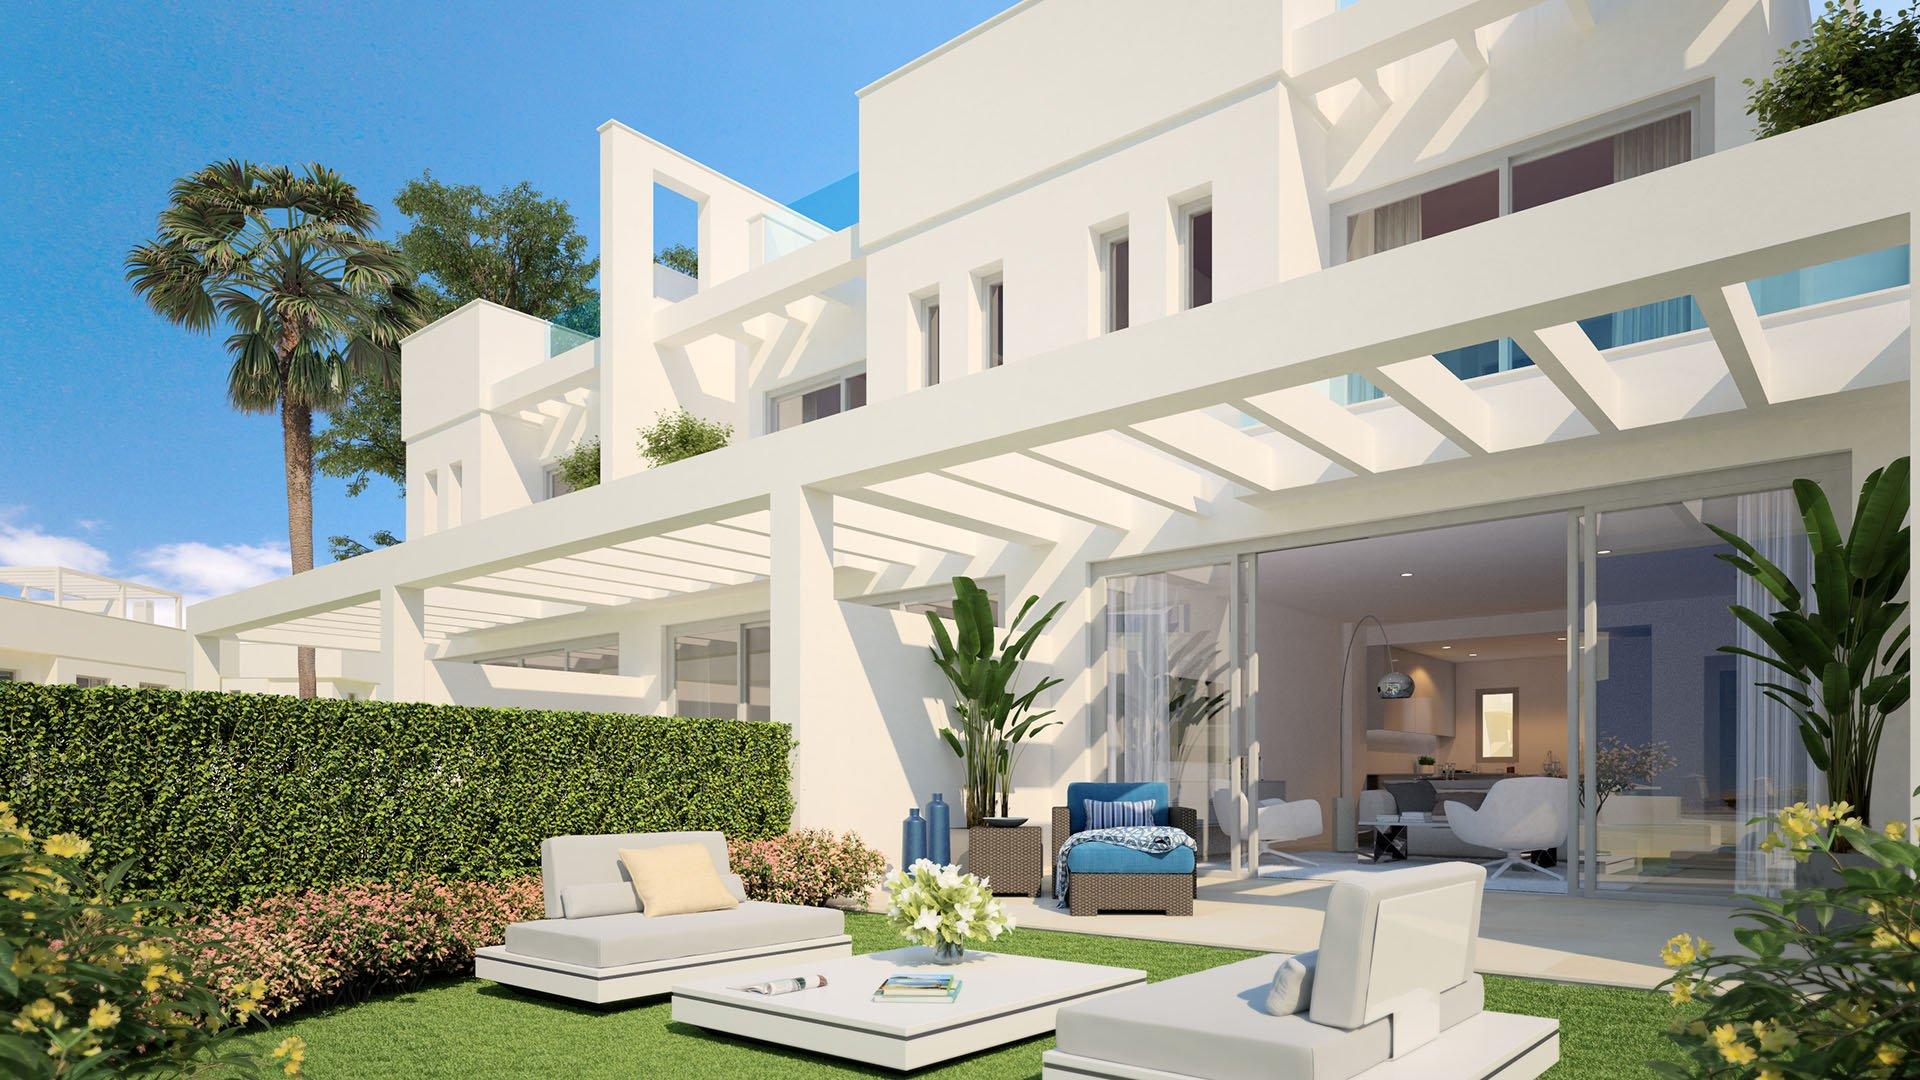 El Romeral: Modern townhouses in Calahonda